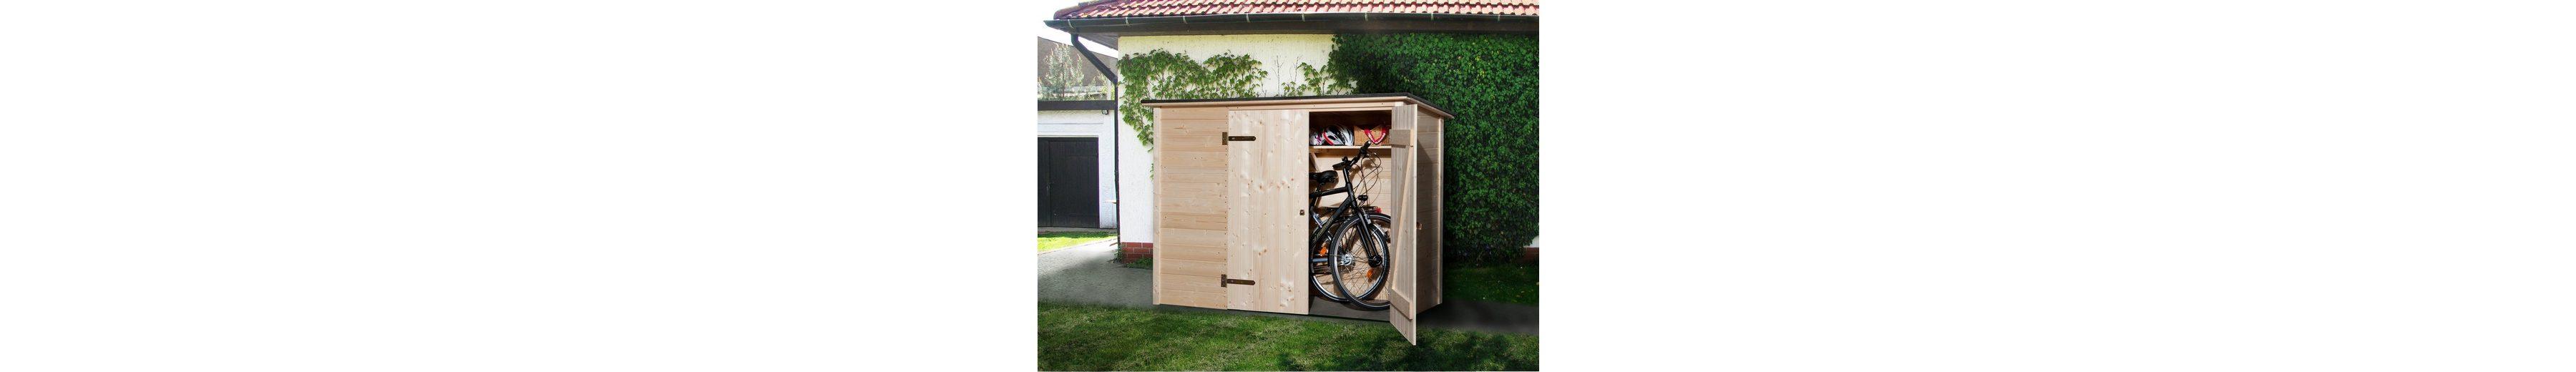 Fahrrad-/Mülltonnenunterstand